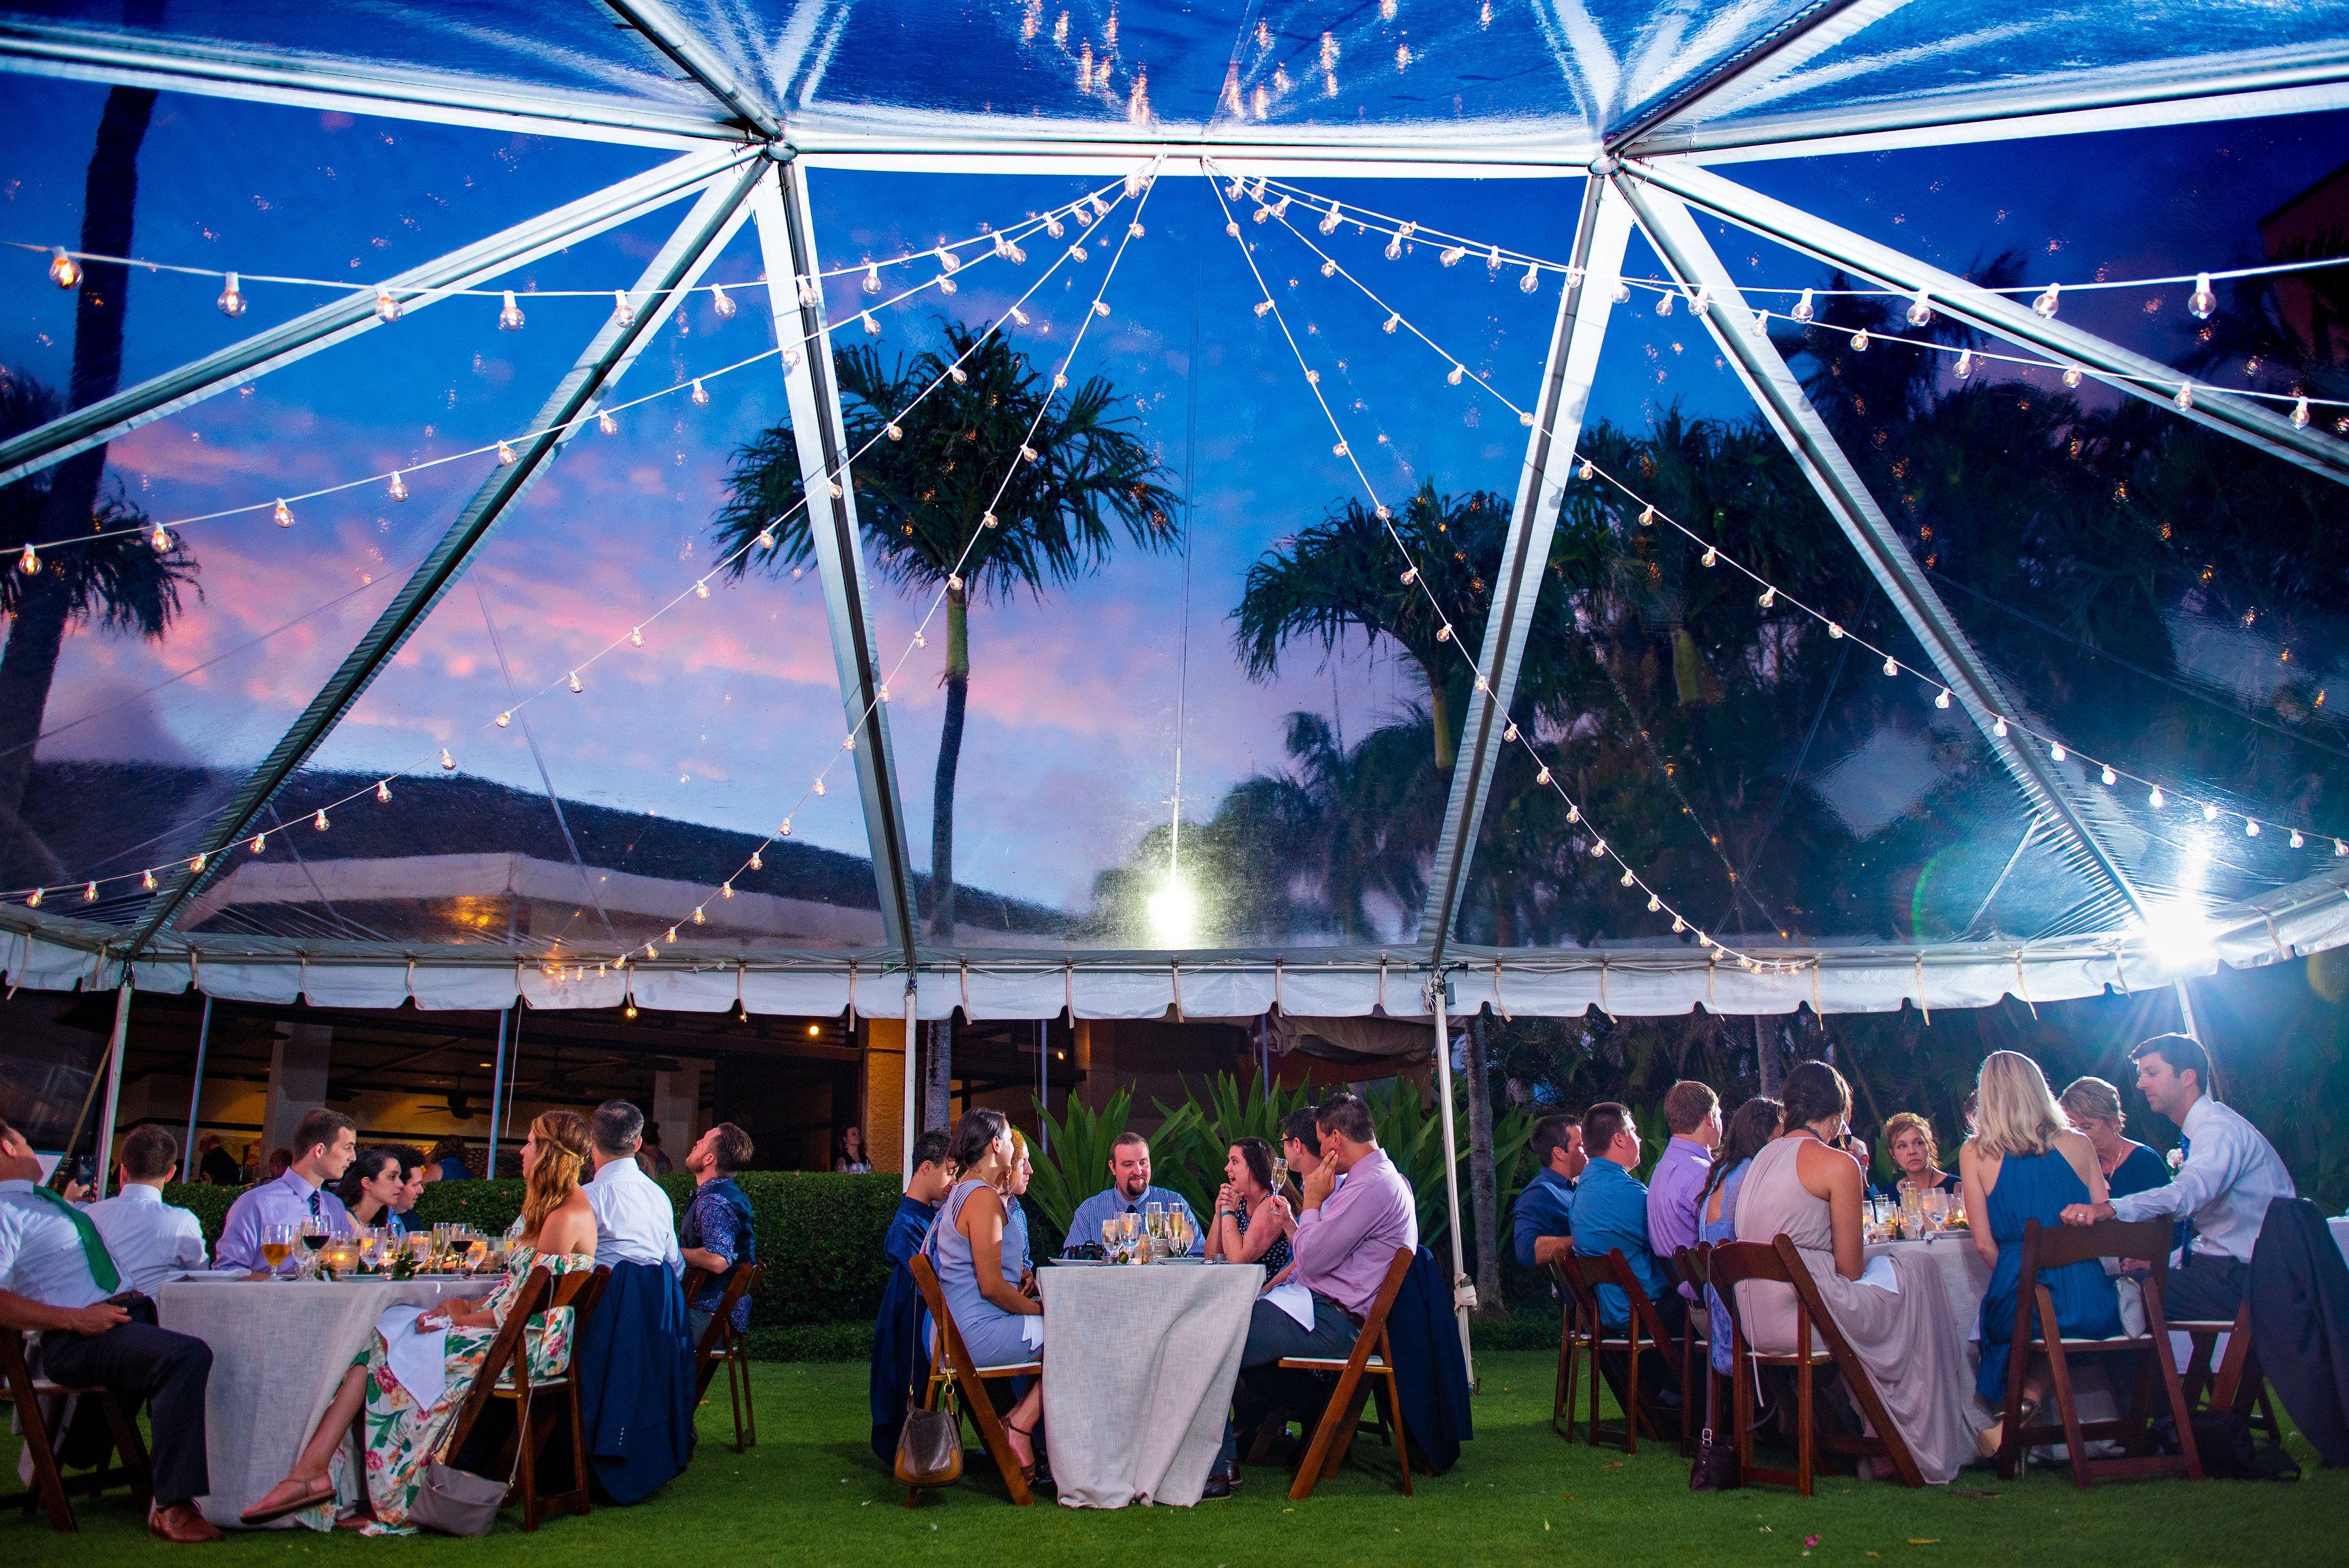 Pin By The Beach House On Tent Enhancements Kauai Wedding Beach House Kauai Reception Location